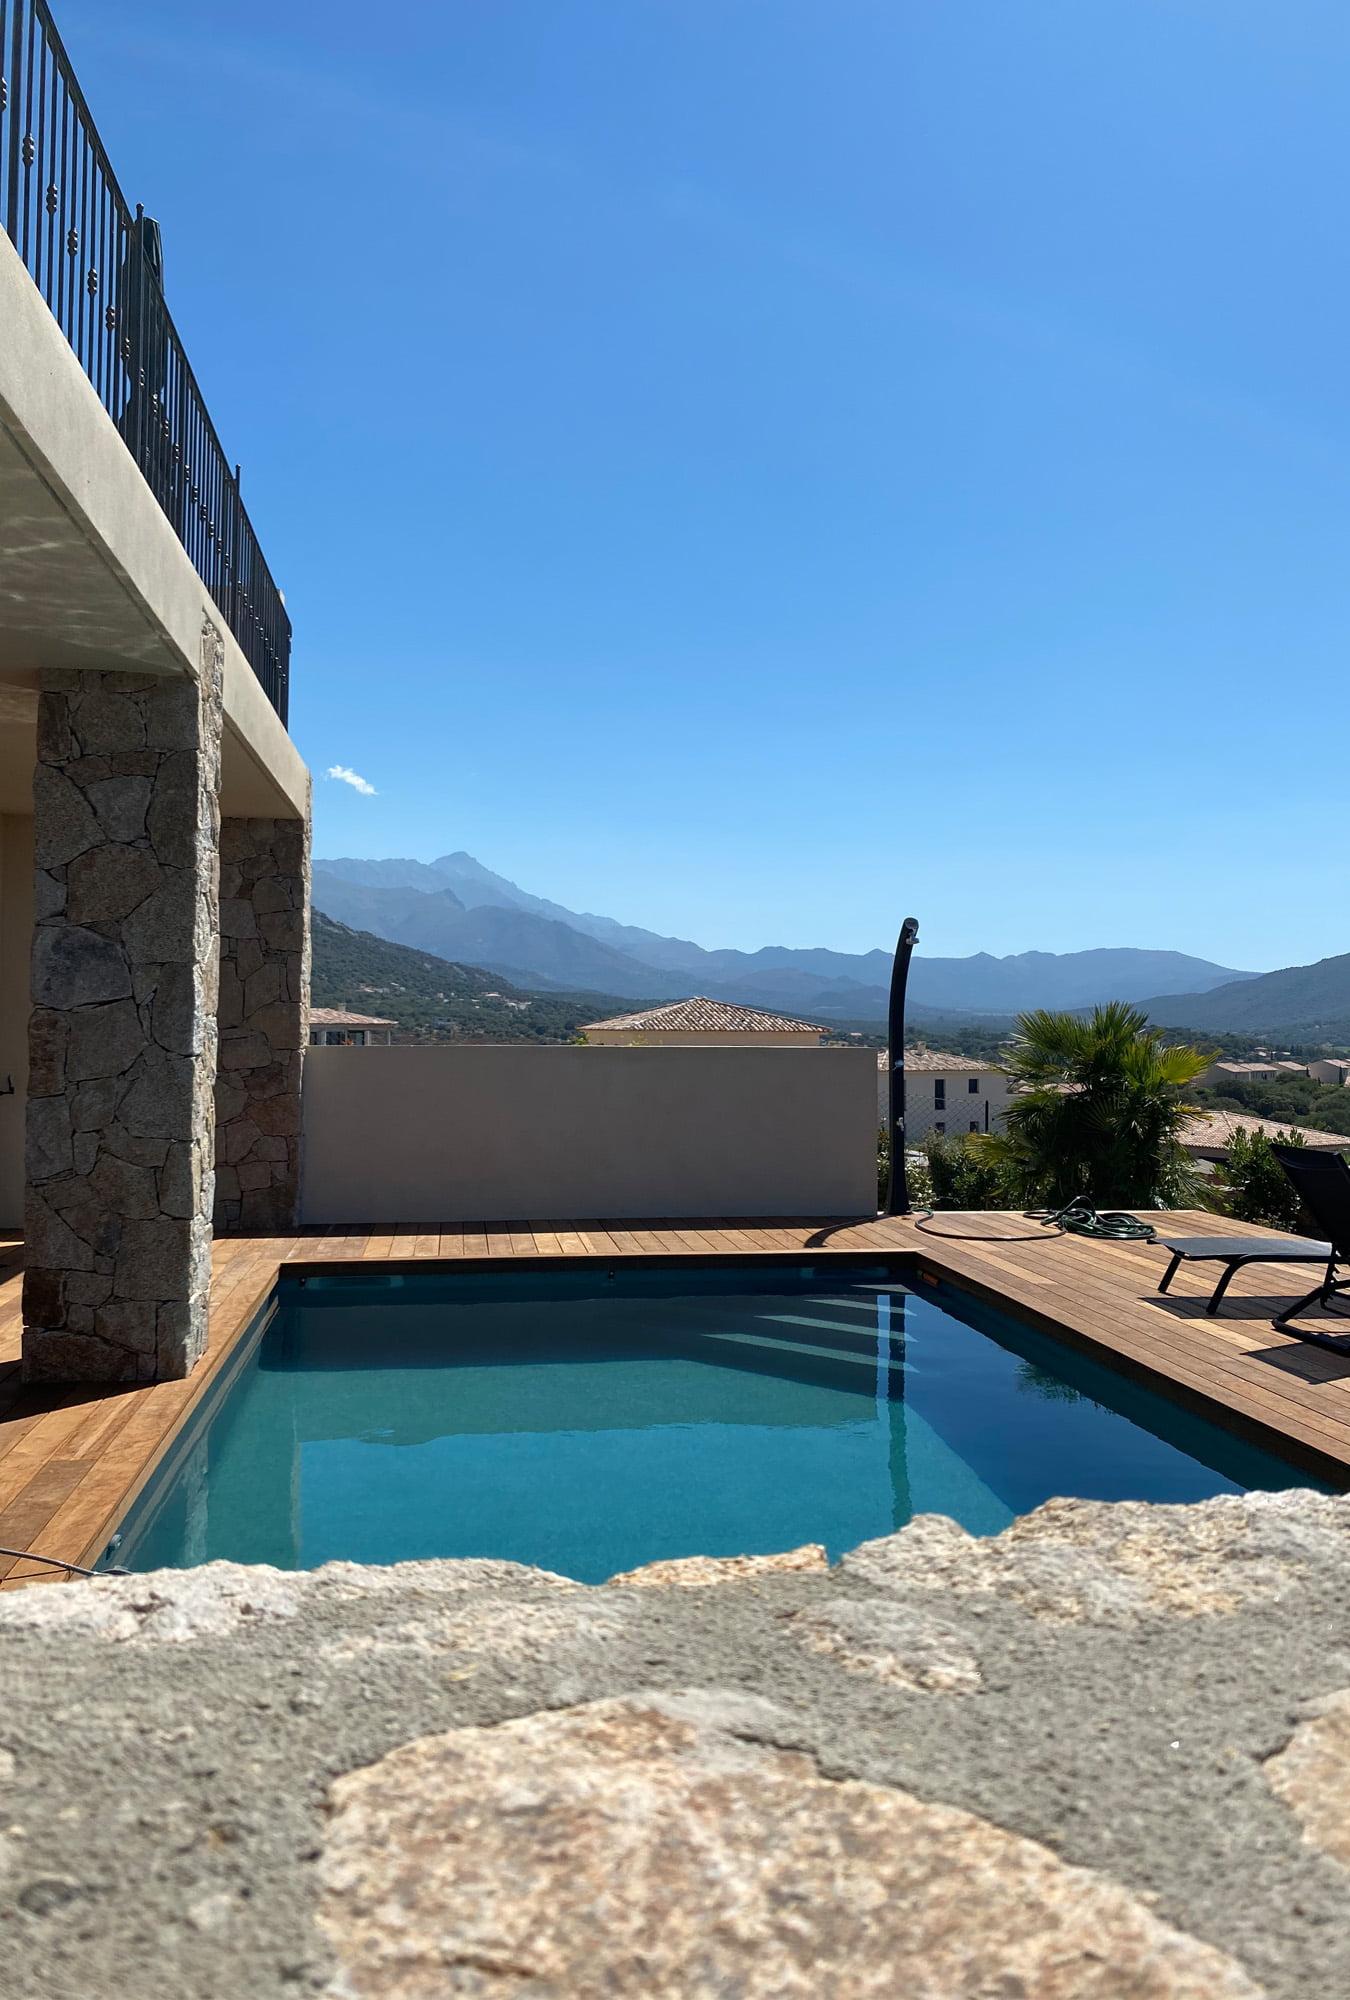 Vue piscine villa en corse ls studio architecte intérieur vannes